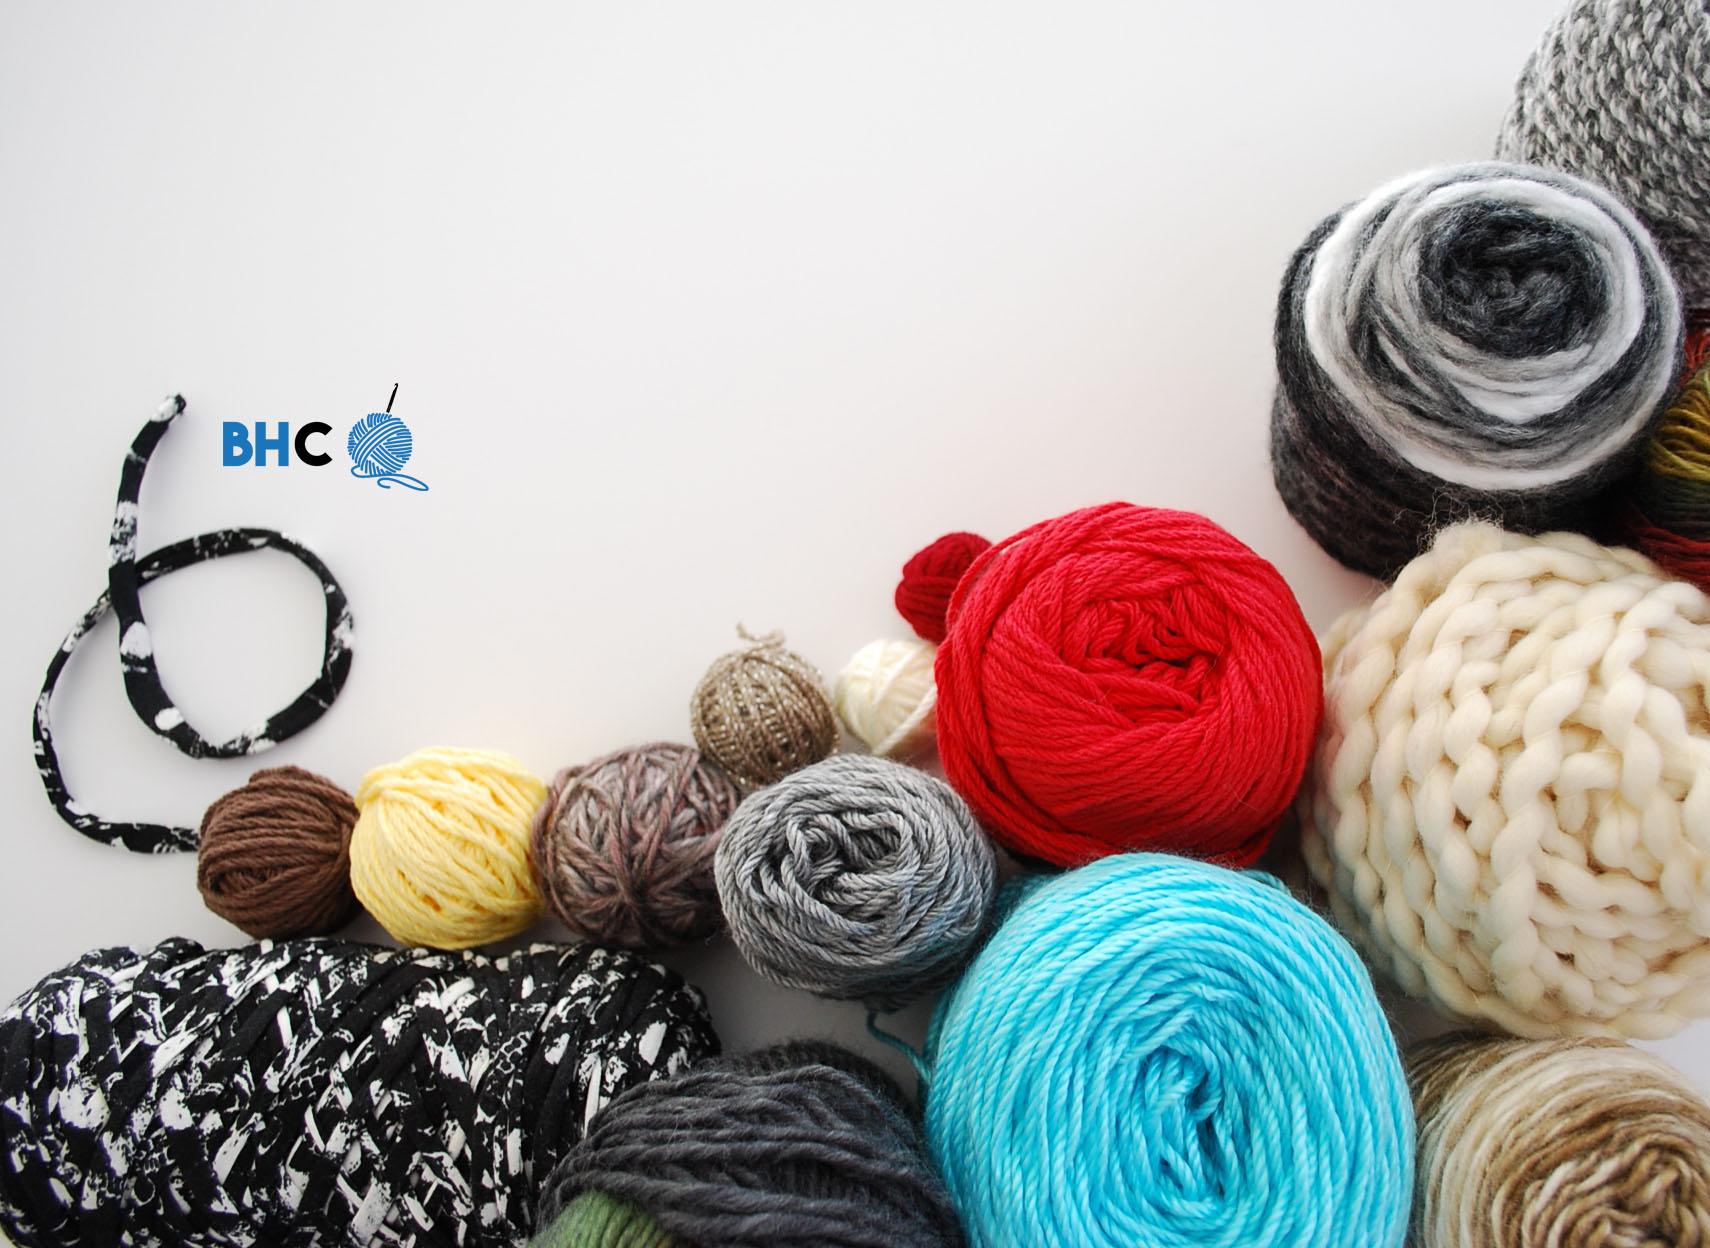 6 Best Yarn To Crochet Afghans That Last B Hooked Crochet